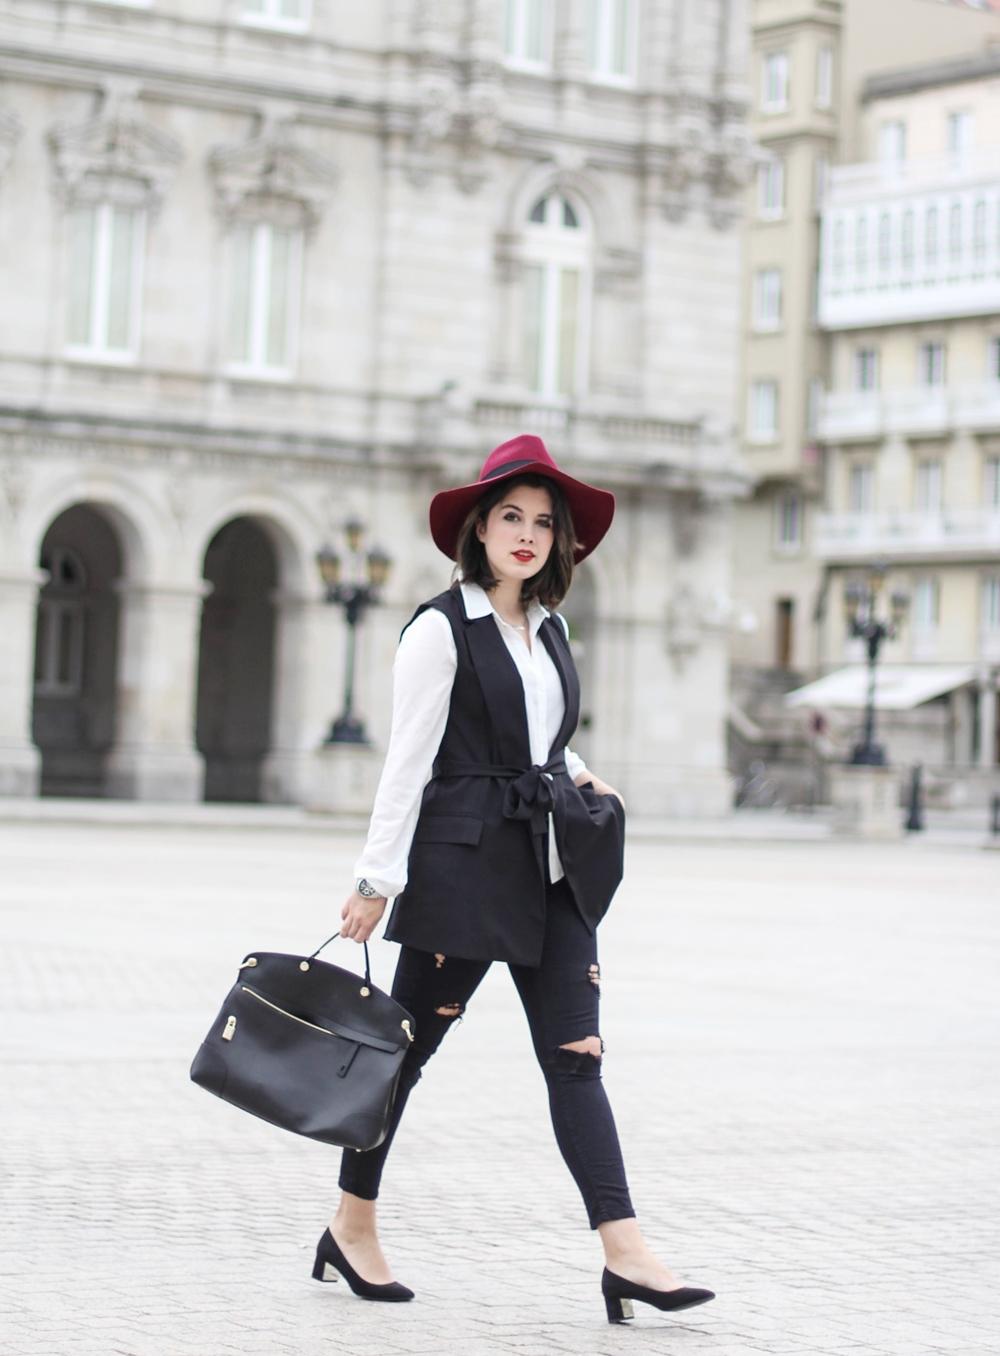 tendencia sixties zapatos bajos de tacón cuadrado con chaleco de vestir mybluberrynightsblog